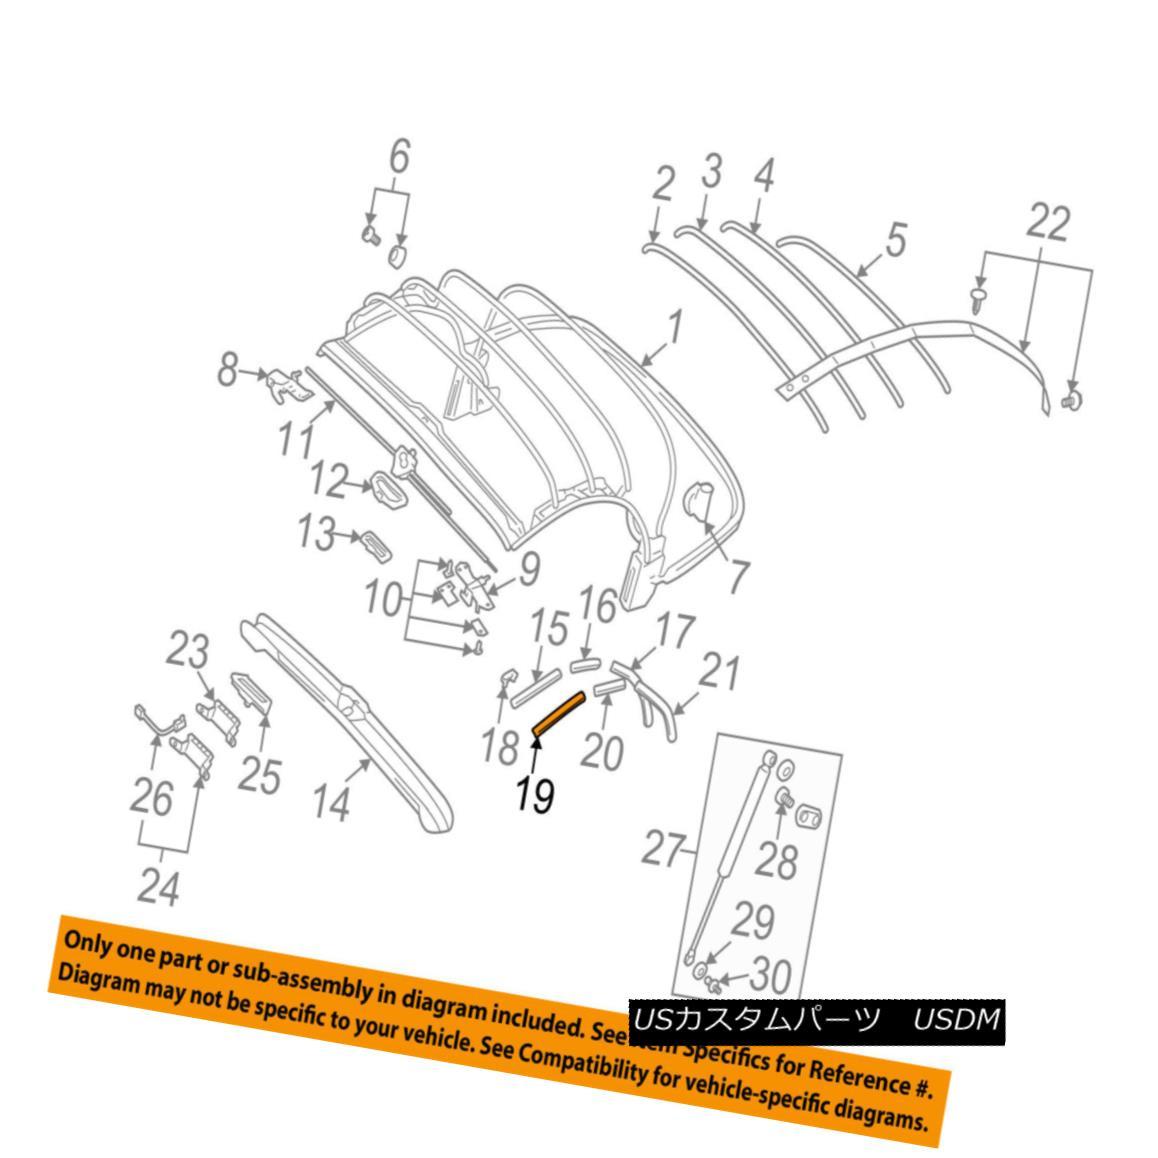 幌・ソフトトップ AUDI OEM 01-06 TT Quattro Convertible/soft Top-Channel Gasket Right 8N7871456 AUDI OEM 01-06 TT Quattro Convertible / so ftトップチャンネルガスケット右8N7871456